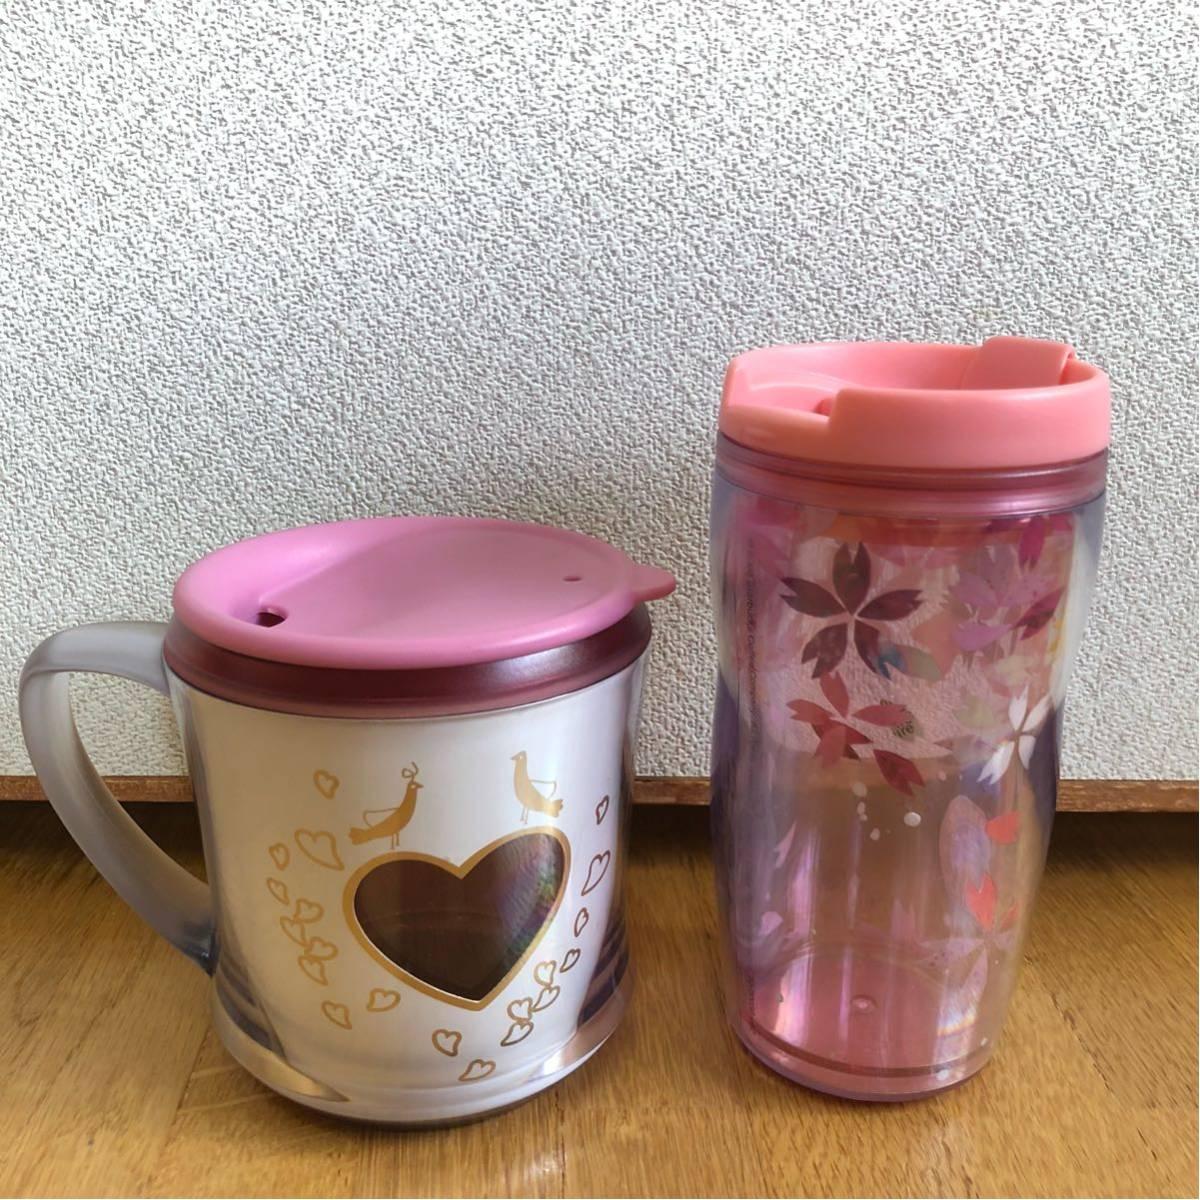 送料込み★スターバックス タンブラー&コーヒーカップ★SAKURA ピンクハート★_画像2